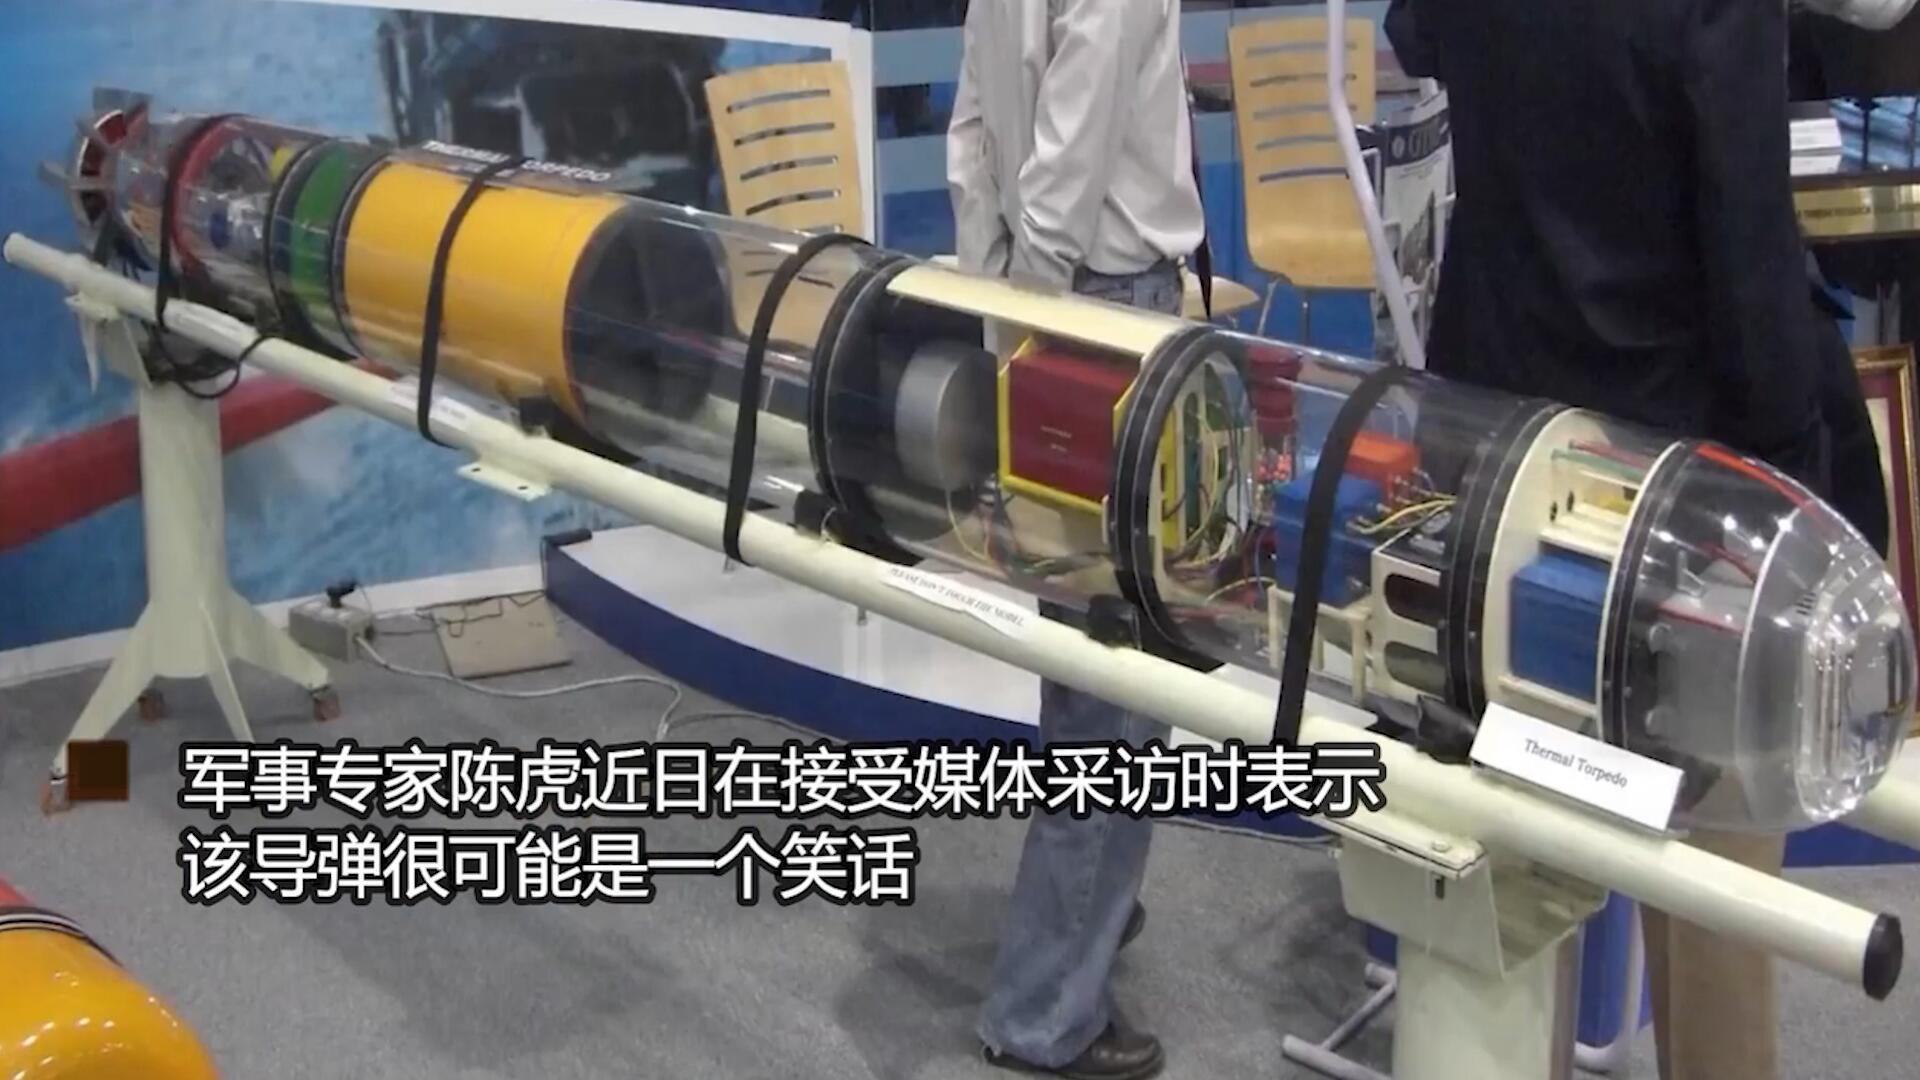 印度试射超音速反潜导弹?军事专家陈虎:很可能就是一个笑话!